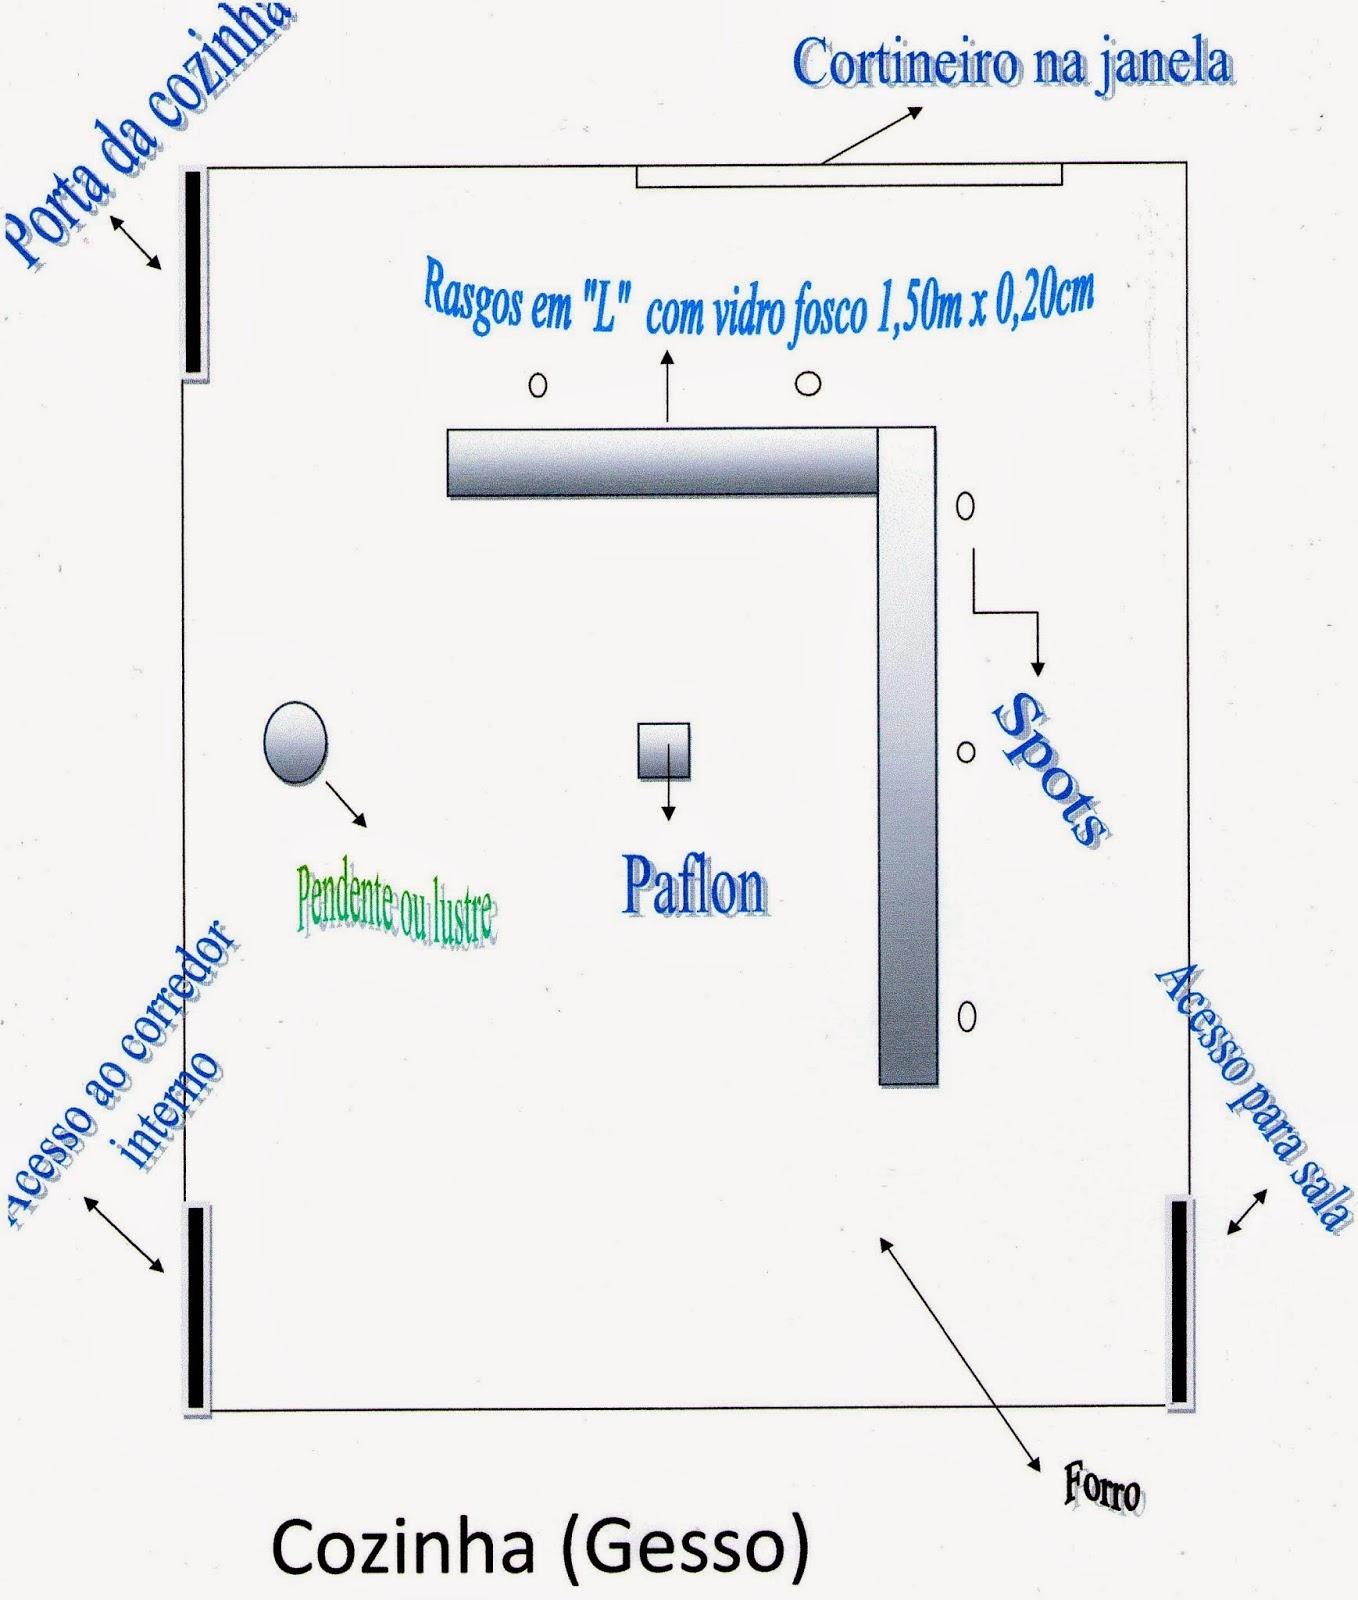 Humilde Residência : Meu Projeto de Gesso e Iluminação: Cozinha #1849B3 1358 1600